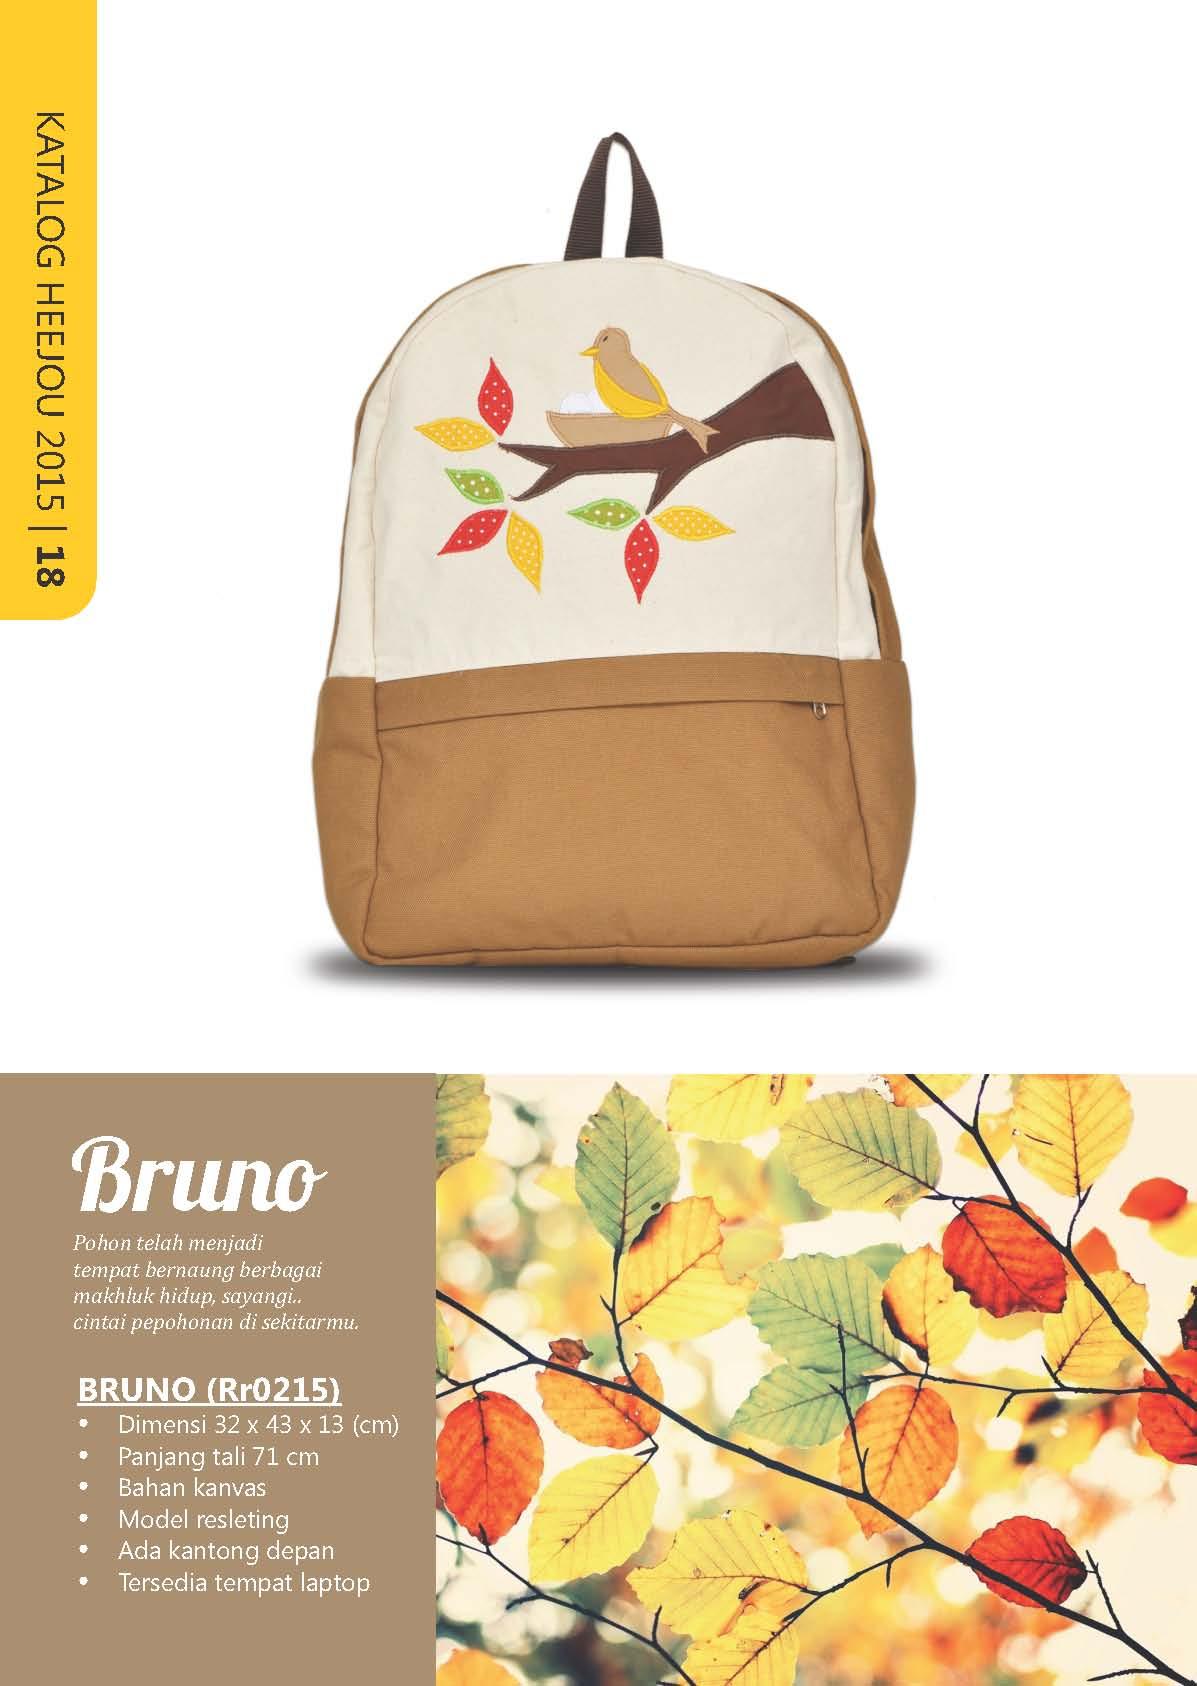 Jual BRUNO Heejou - Tas Sekolah Kanvas Wanita Branded Handmade -  GriyaEtnik.Com  4bf6d0f9ee